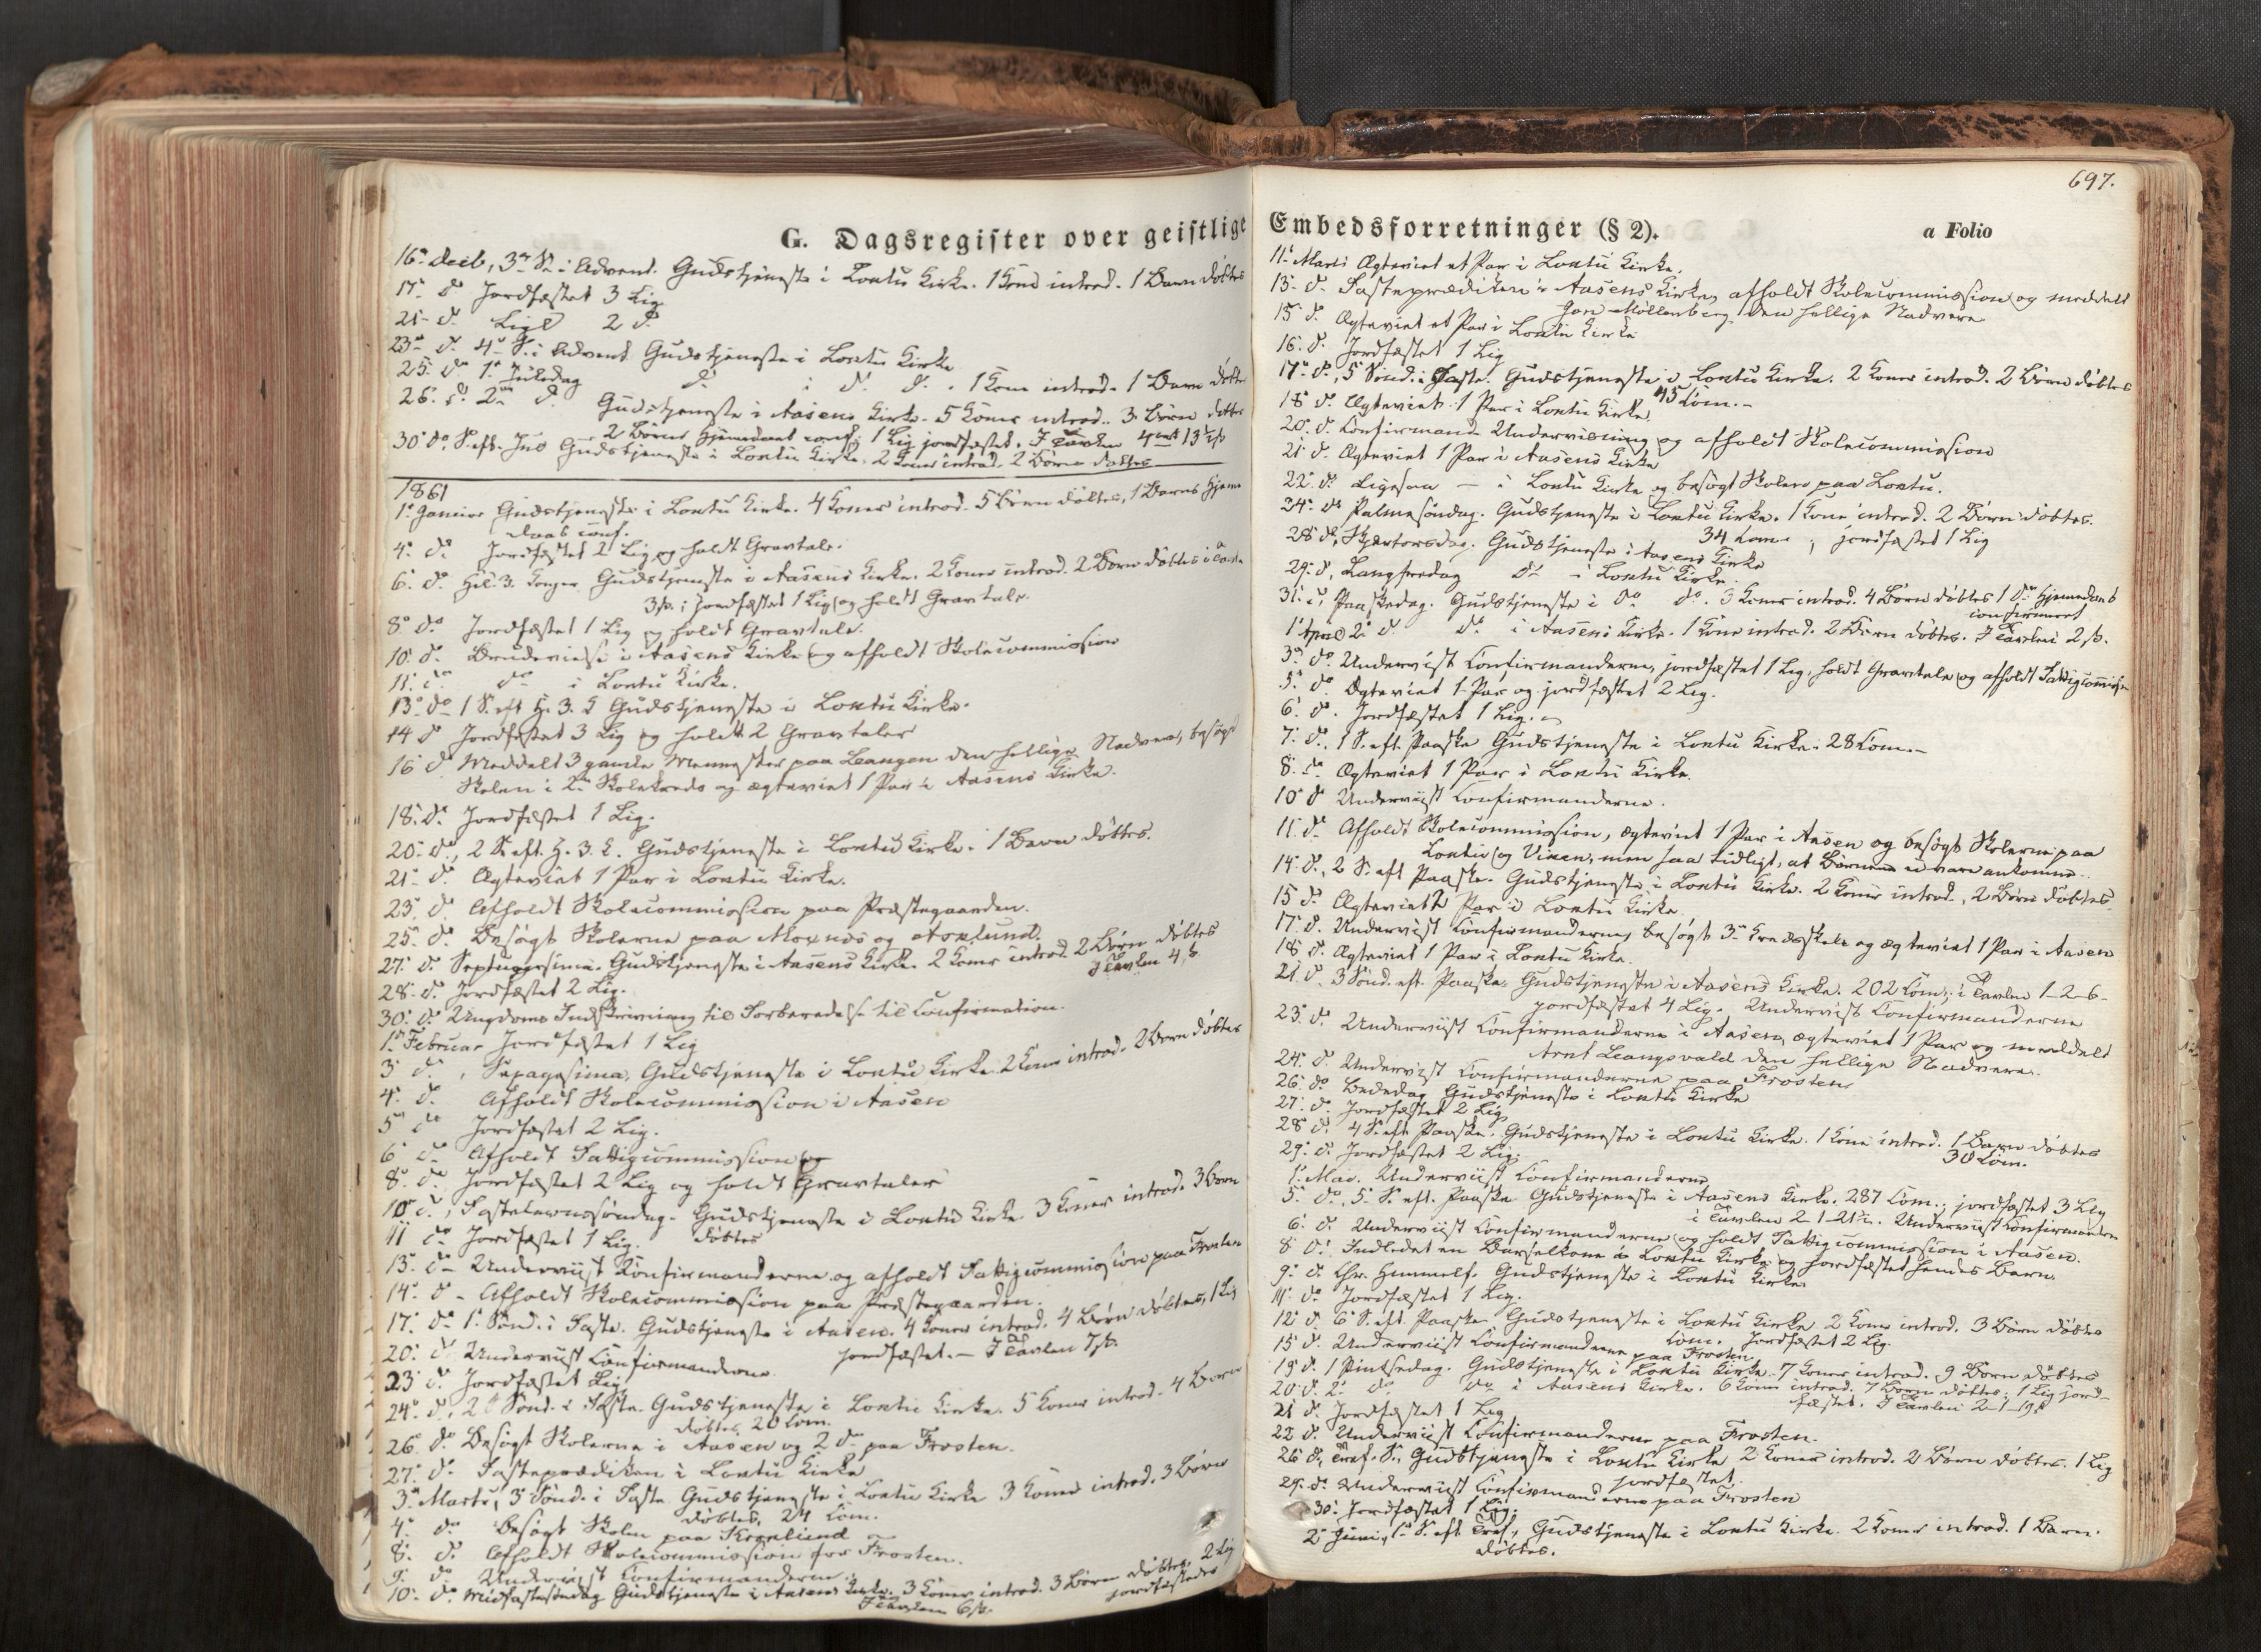 SAT, Ministerialprotokoller, klokkerbøker og fødselsregistre - Nord-Trøndelag, 713/L0116: Ministerialbok nr. 713A07, 1850-1877, s. 697